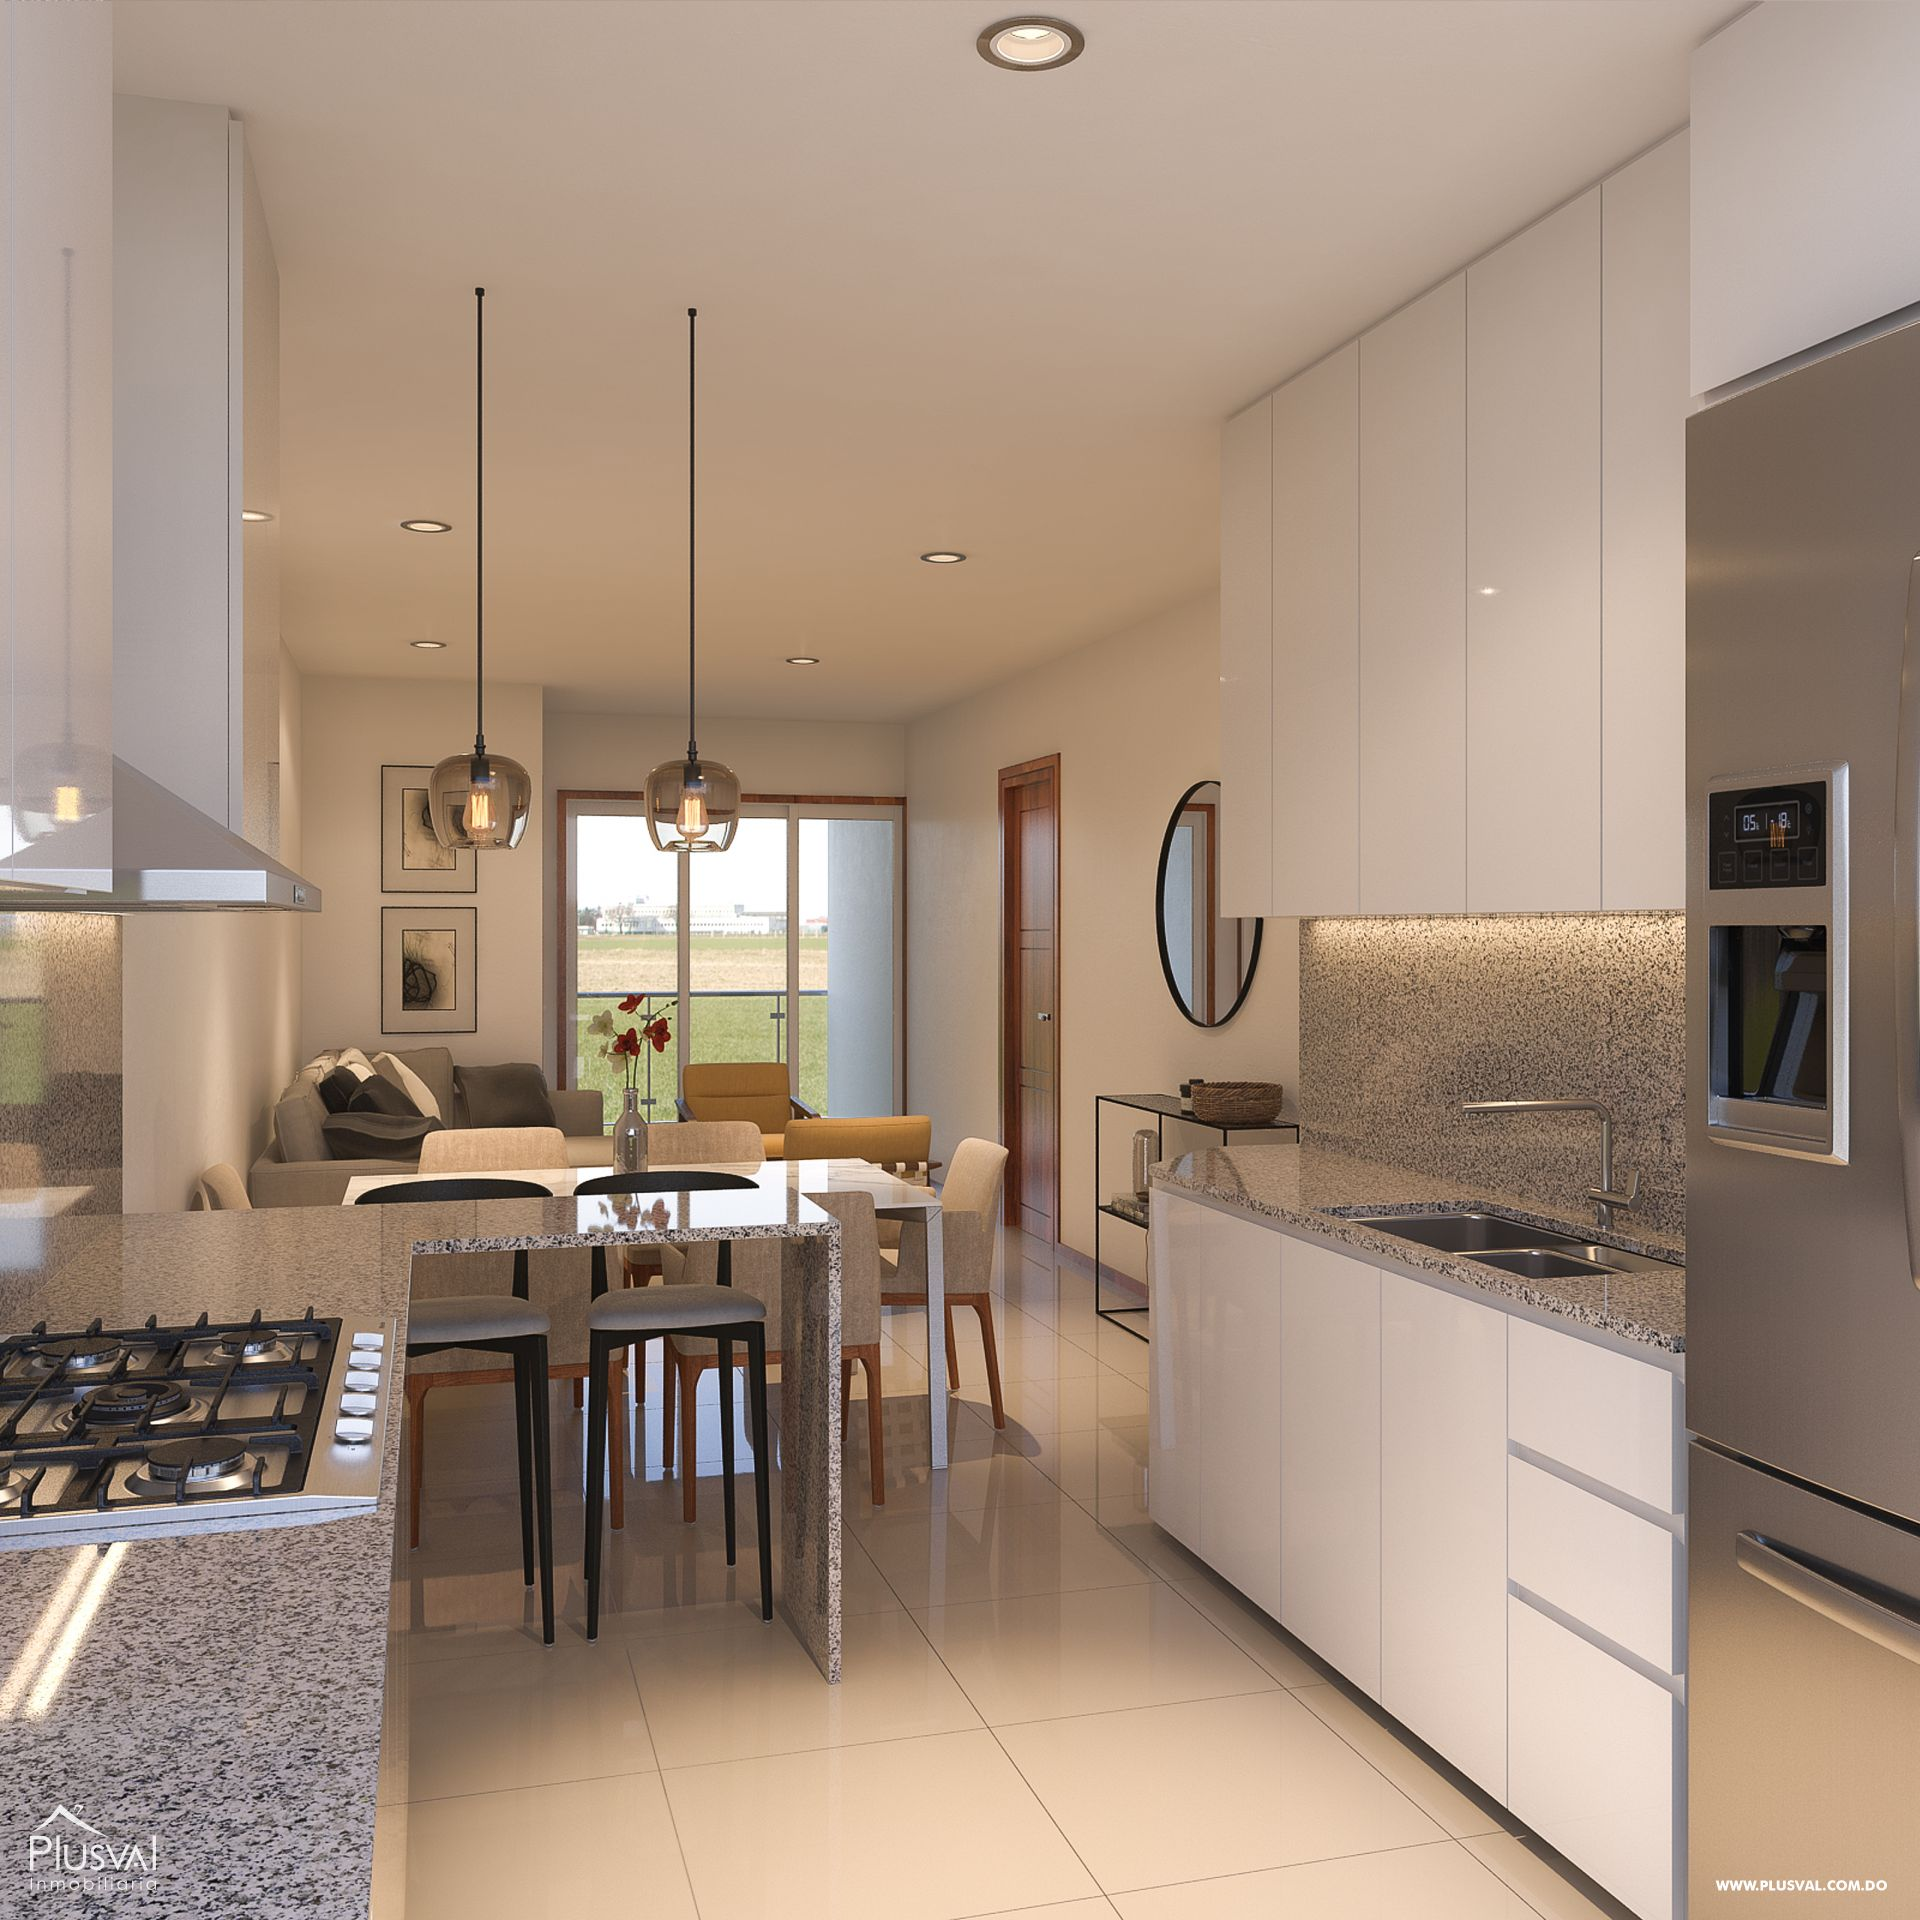 Apartamento en venta, ubicado en Luisa Perla, Higuey